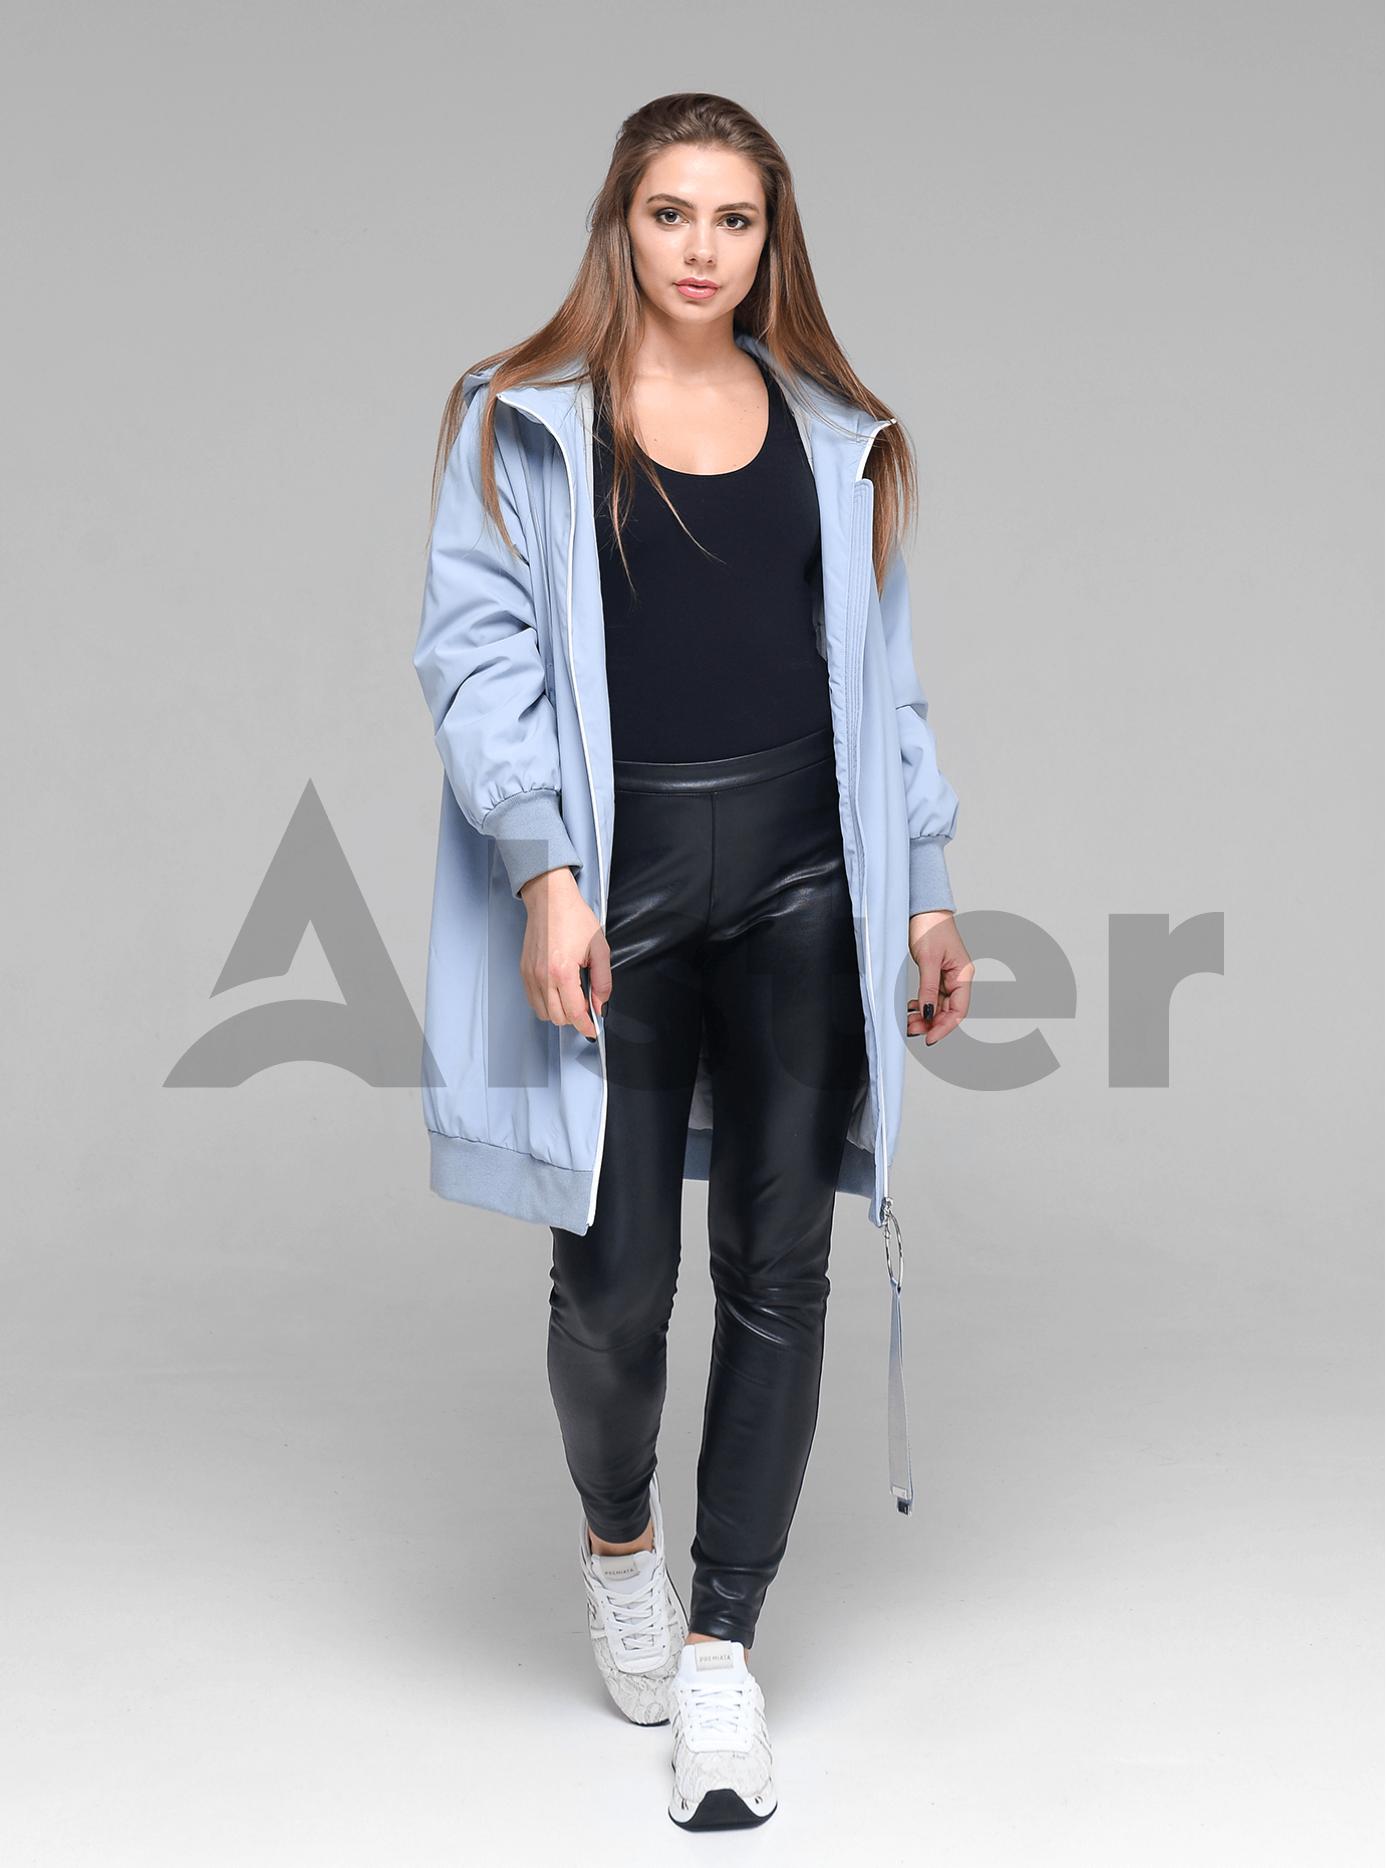 Куртка демисезонная женская с капюшоном Светло-голубой L (02-D190163): фото - Alster.ua